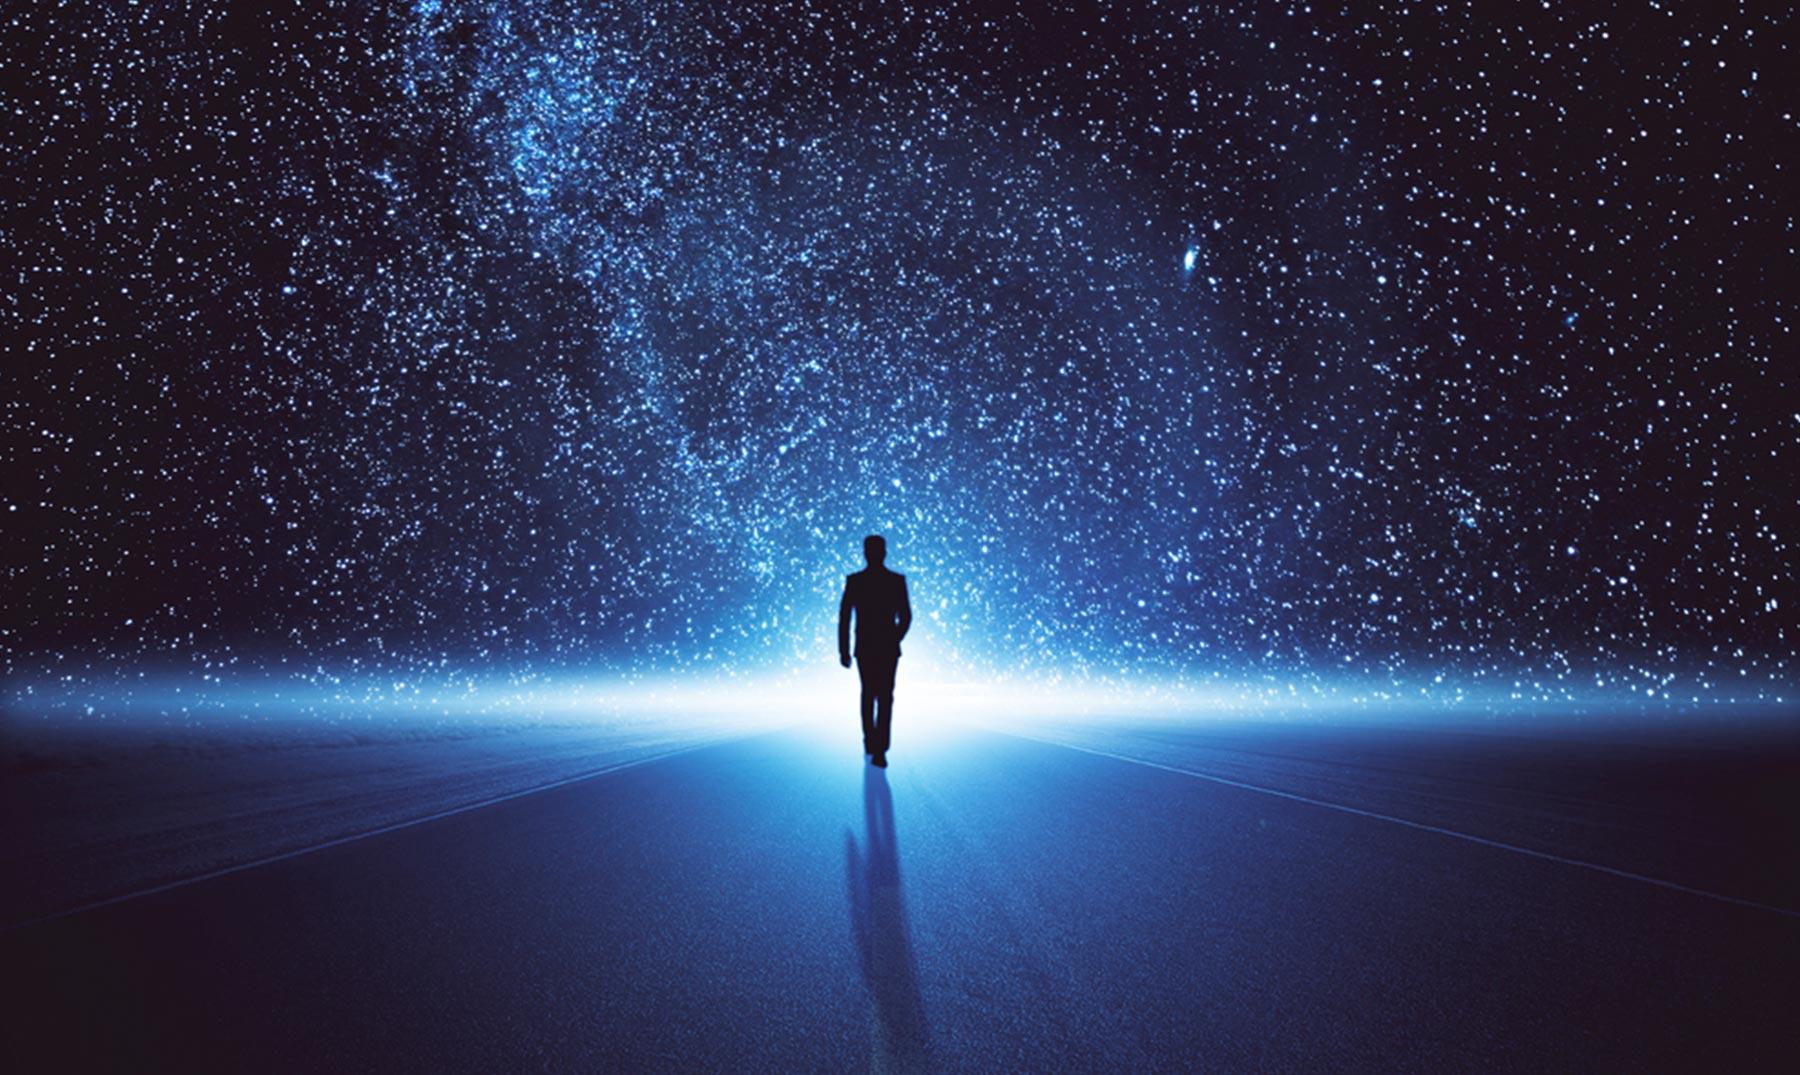 Universo eterno